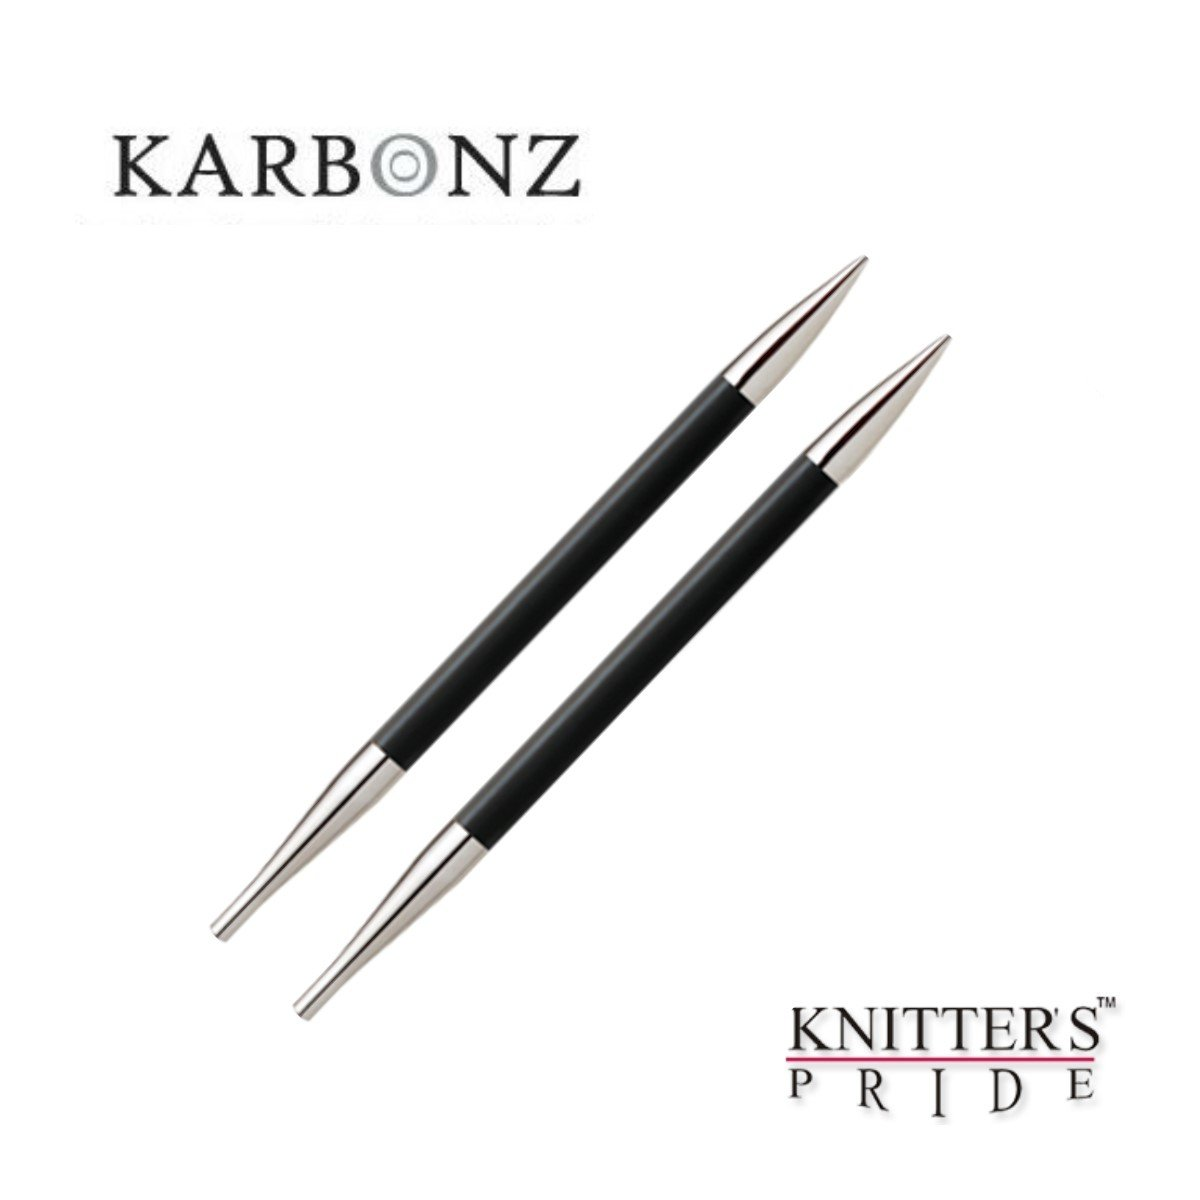 Karbonz Interchangeables